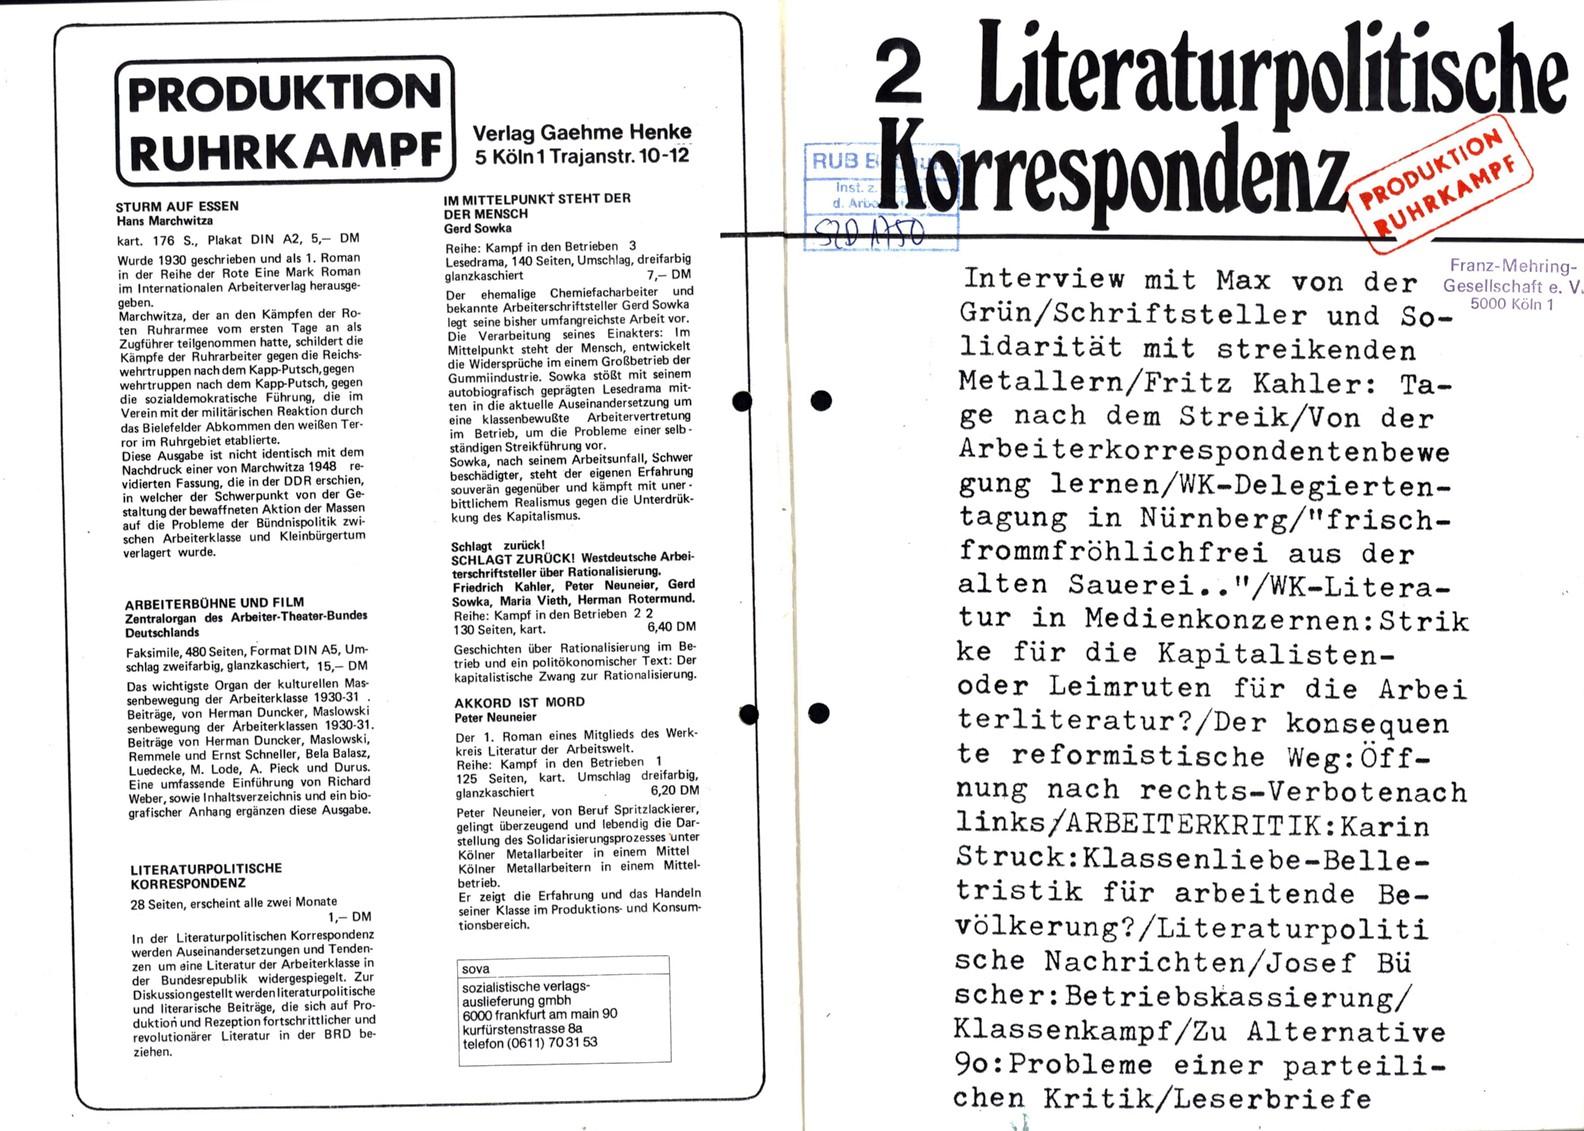 Ruhrkampf_Literaturpolitische_Korrespondenz_19731000_01